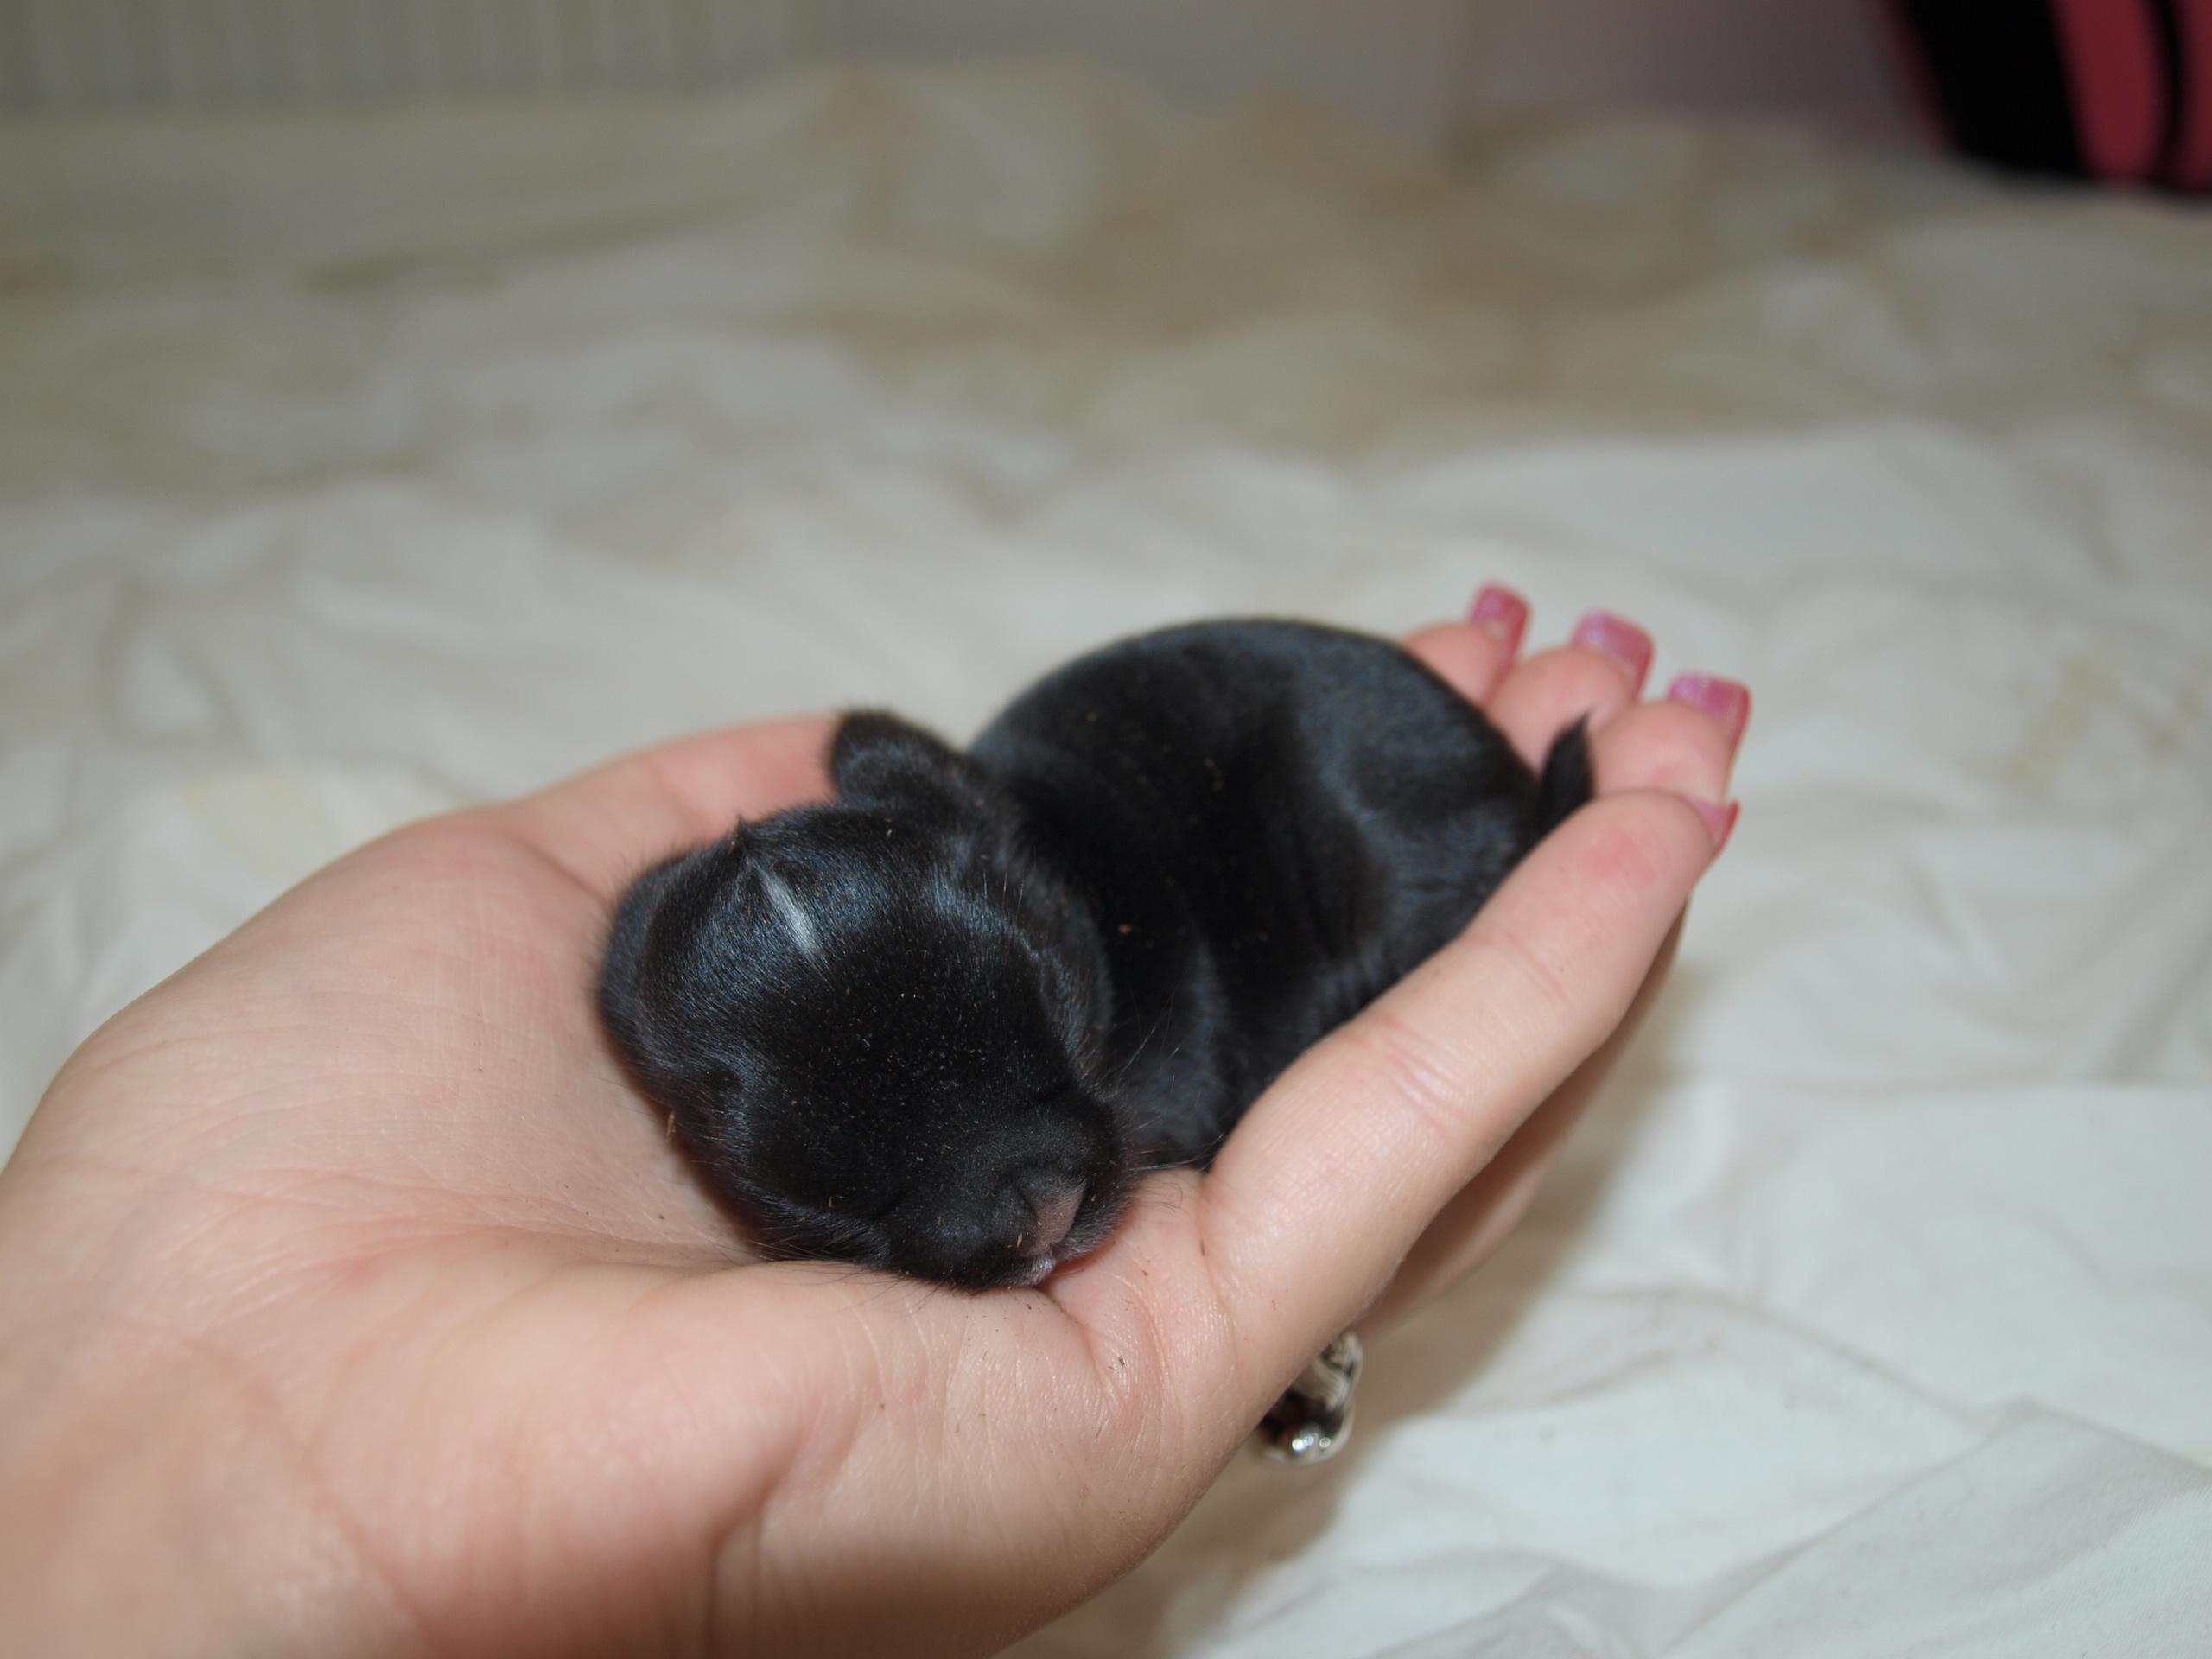 gungstol blocket säljes ~ (s) kaniner  ungar & vuxna  köpes, säljes & transport